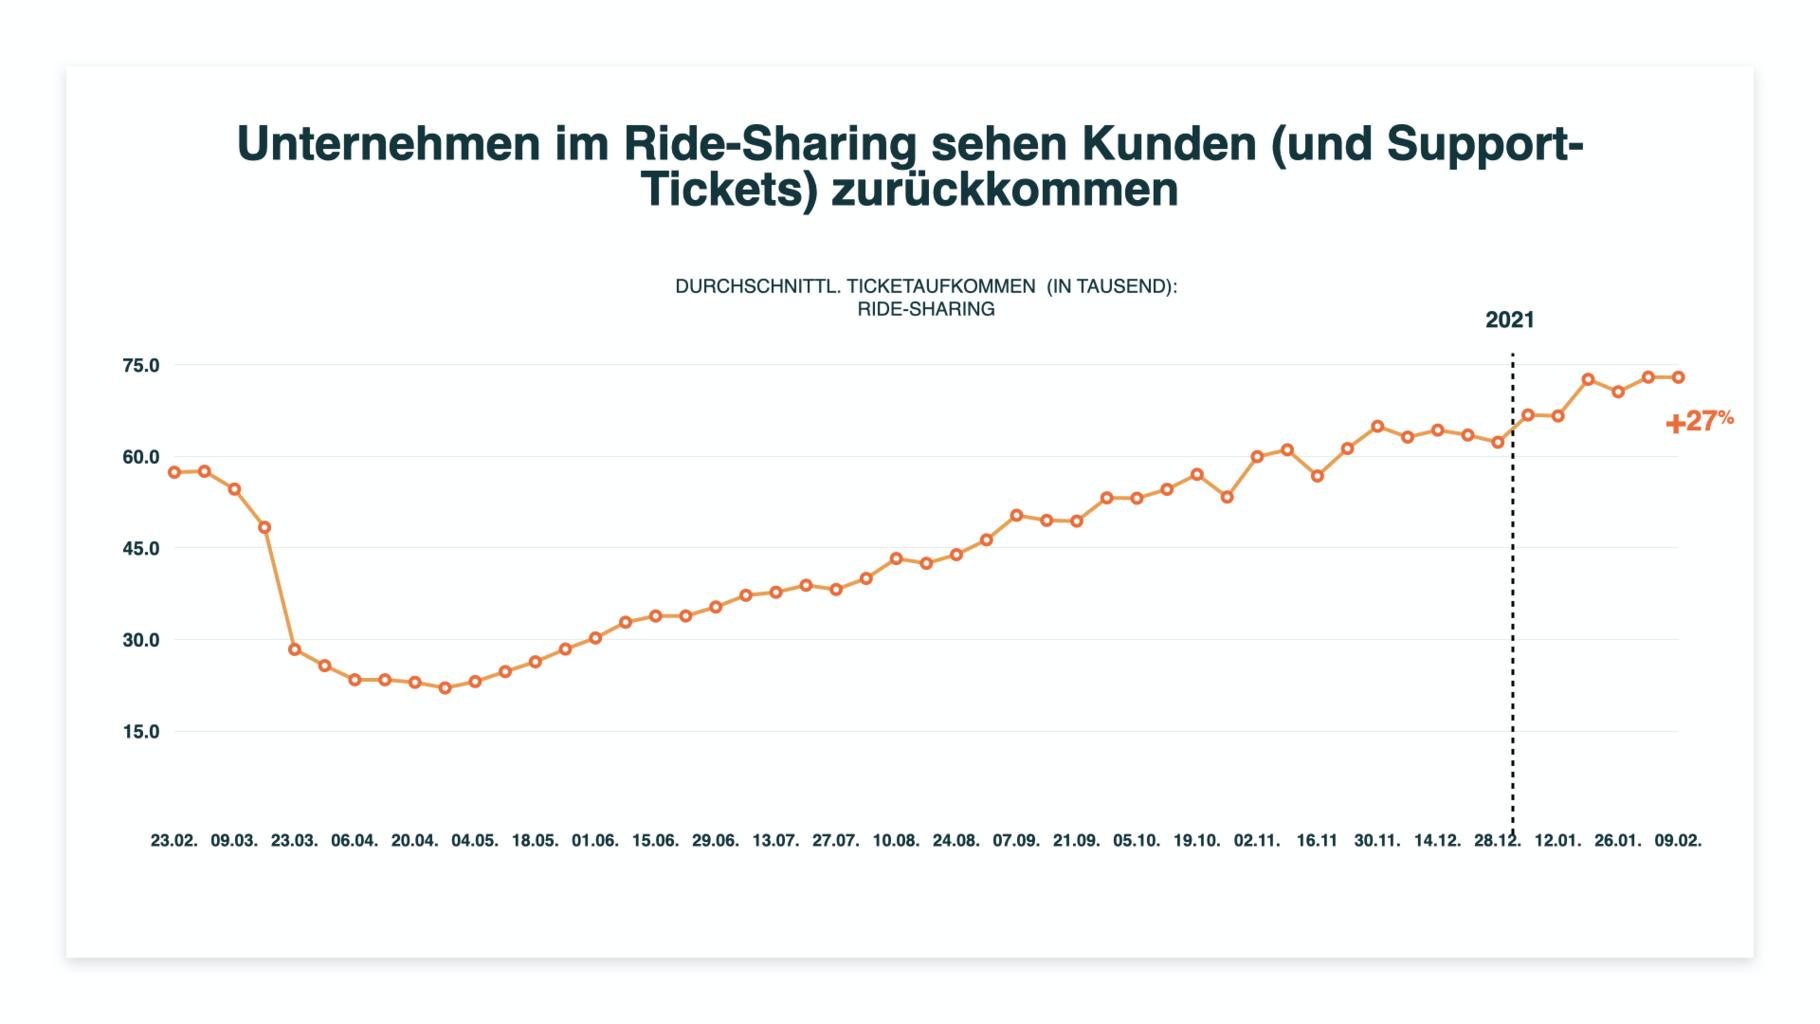 ridesharing-tickets wieder hoch